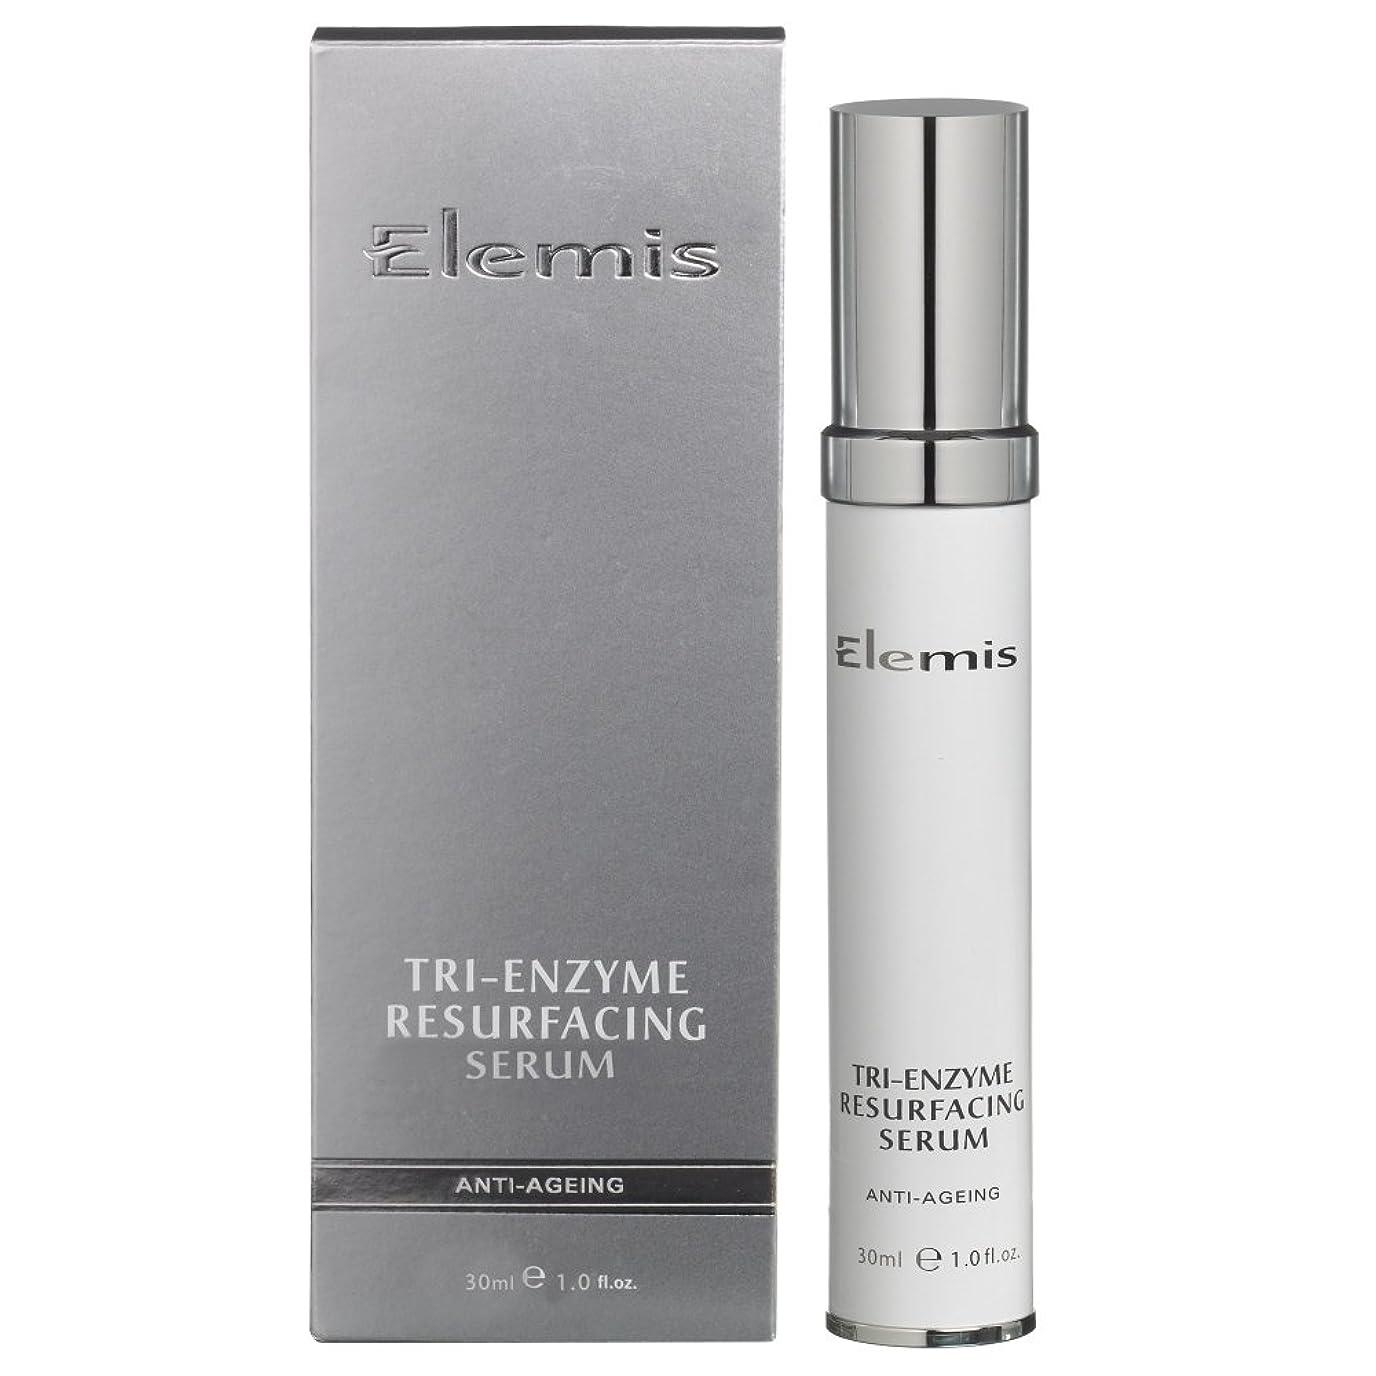 殺人者交差点疎外エレミストライ酵素リサーフェシング血清 (Elemis) (x2) - Elemis Tri-Enzyme Resurfacing Serum (Pack of 2) [並行輸入品]